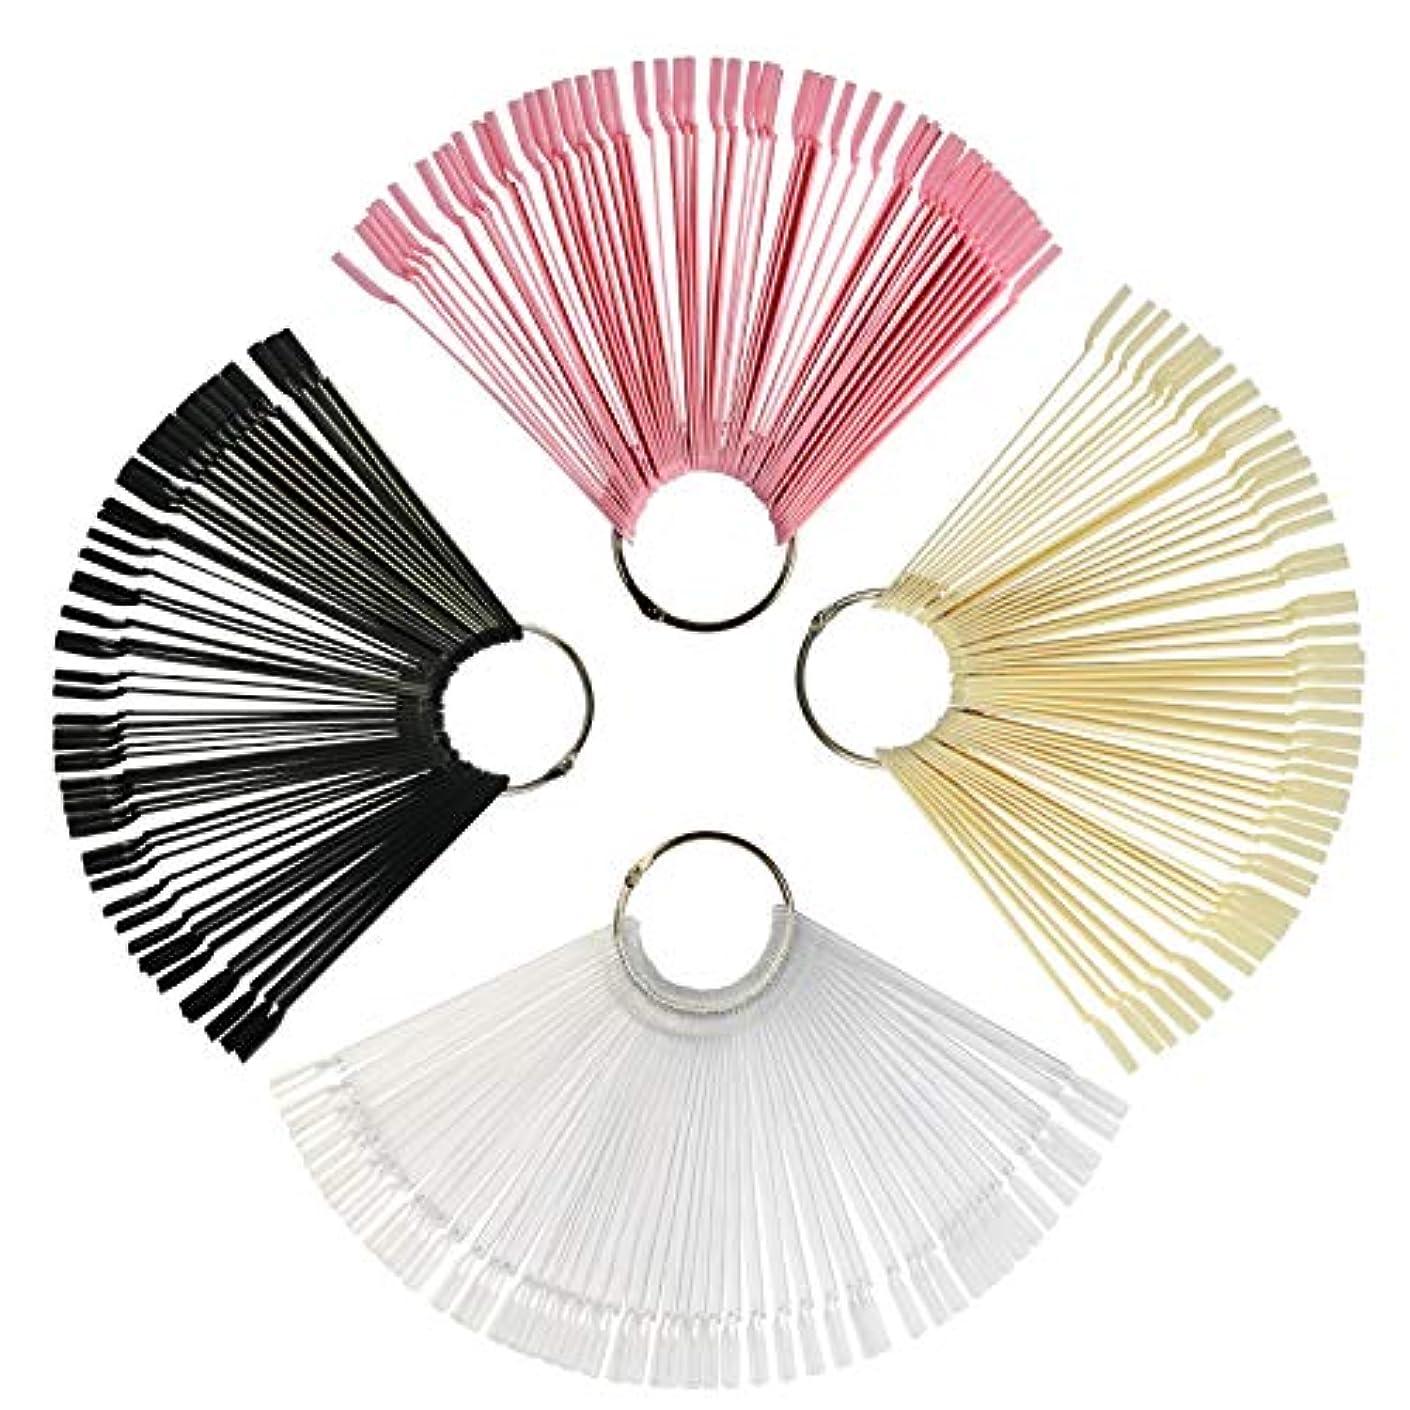 納屋バケット適応するネイルカラーチャート KAKOO スティック式 200枚 4色(透明?ブラック?ピンク?ナチュラルカラー) 4個リング付属 偽ネイル 練習用 ネイルアート チップ クリア カラーチャートサンプル 見本カラーチャート